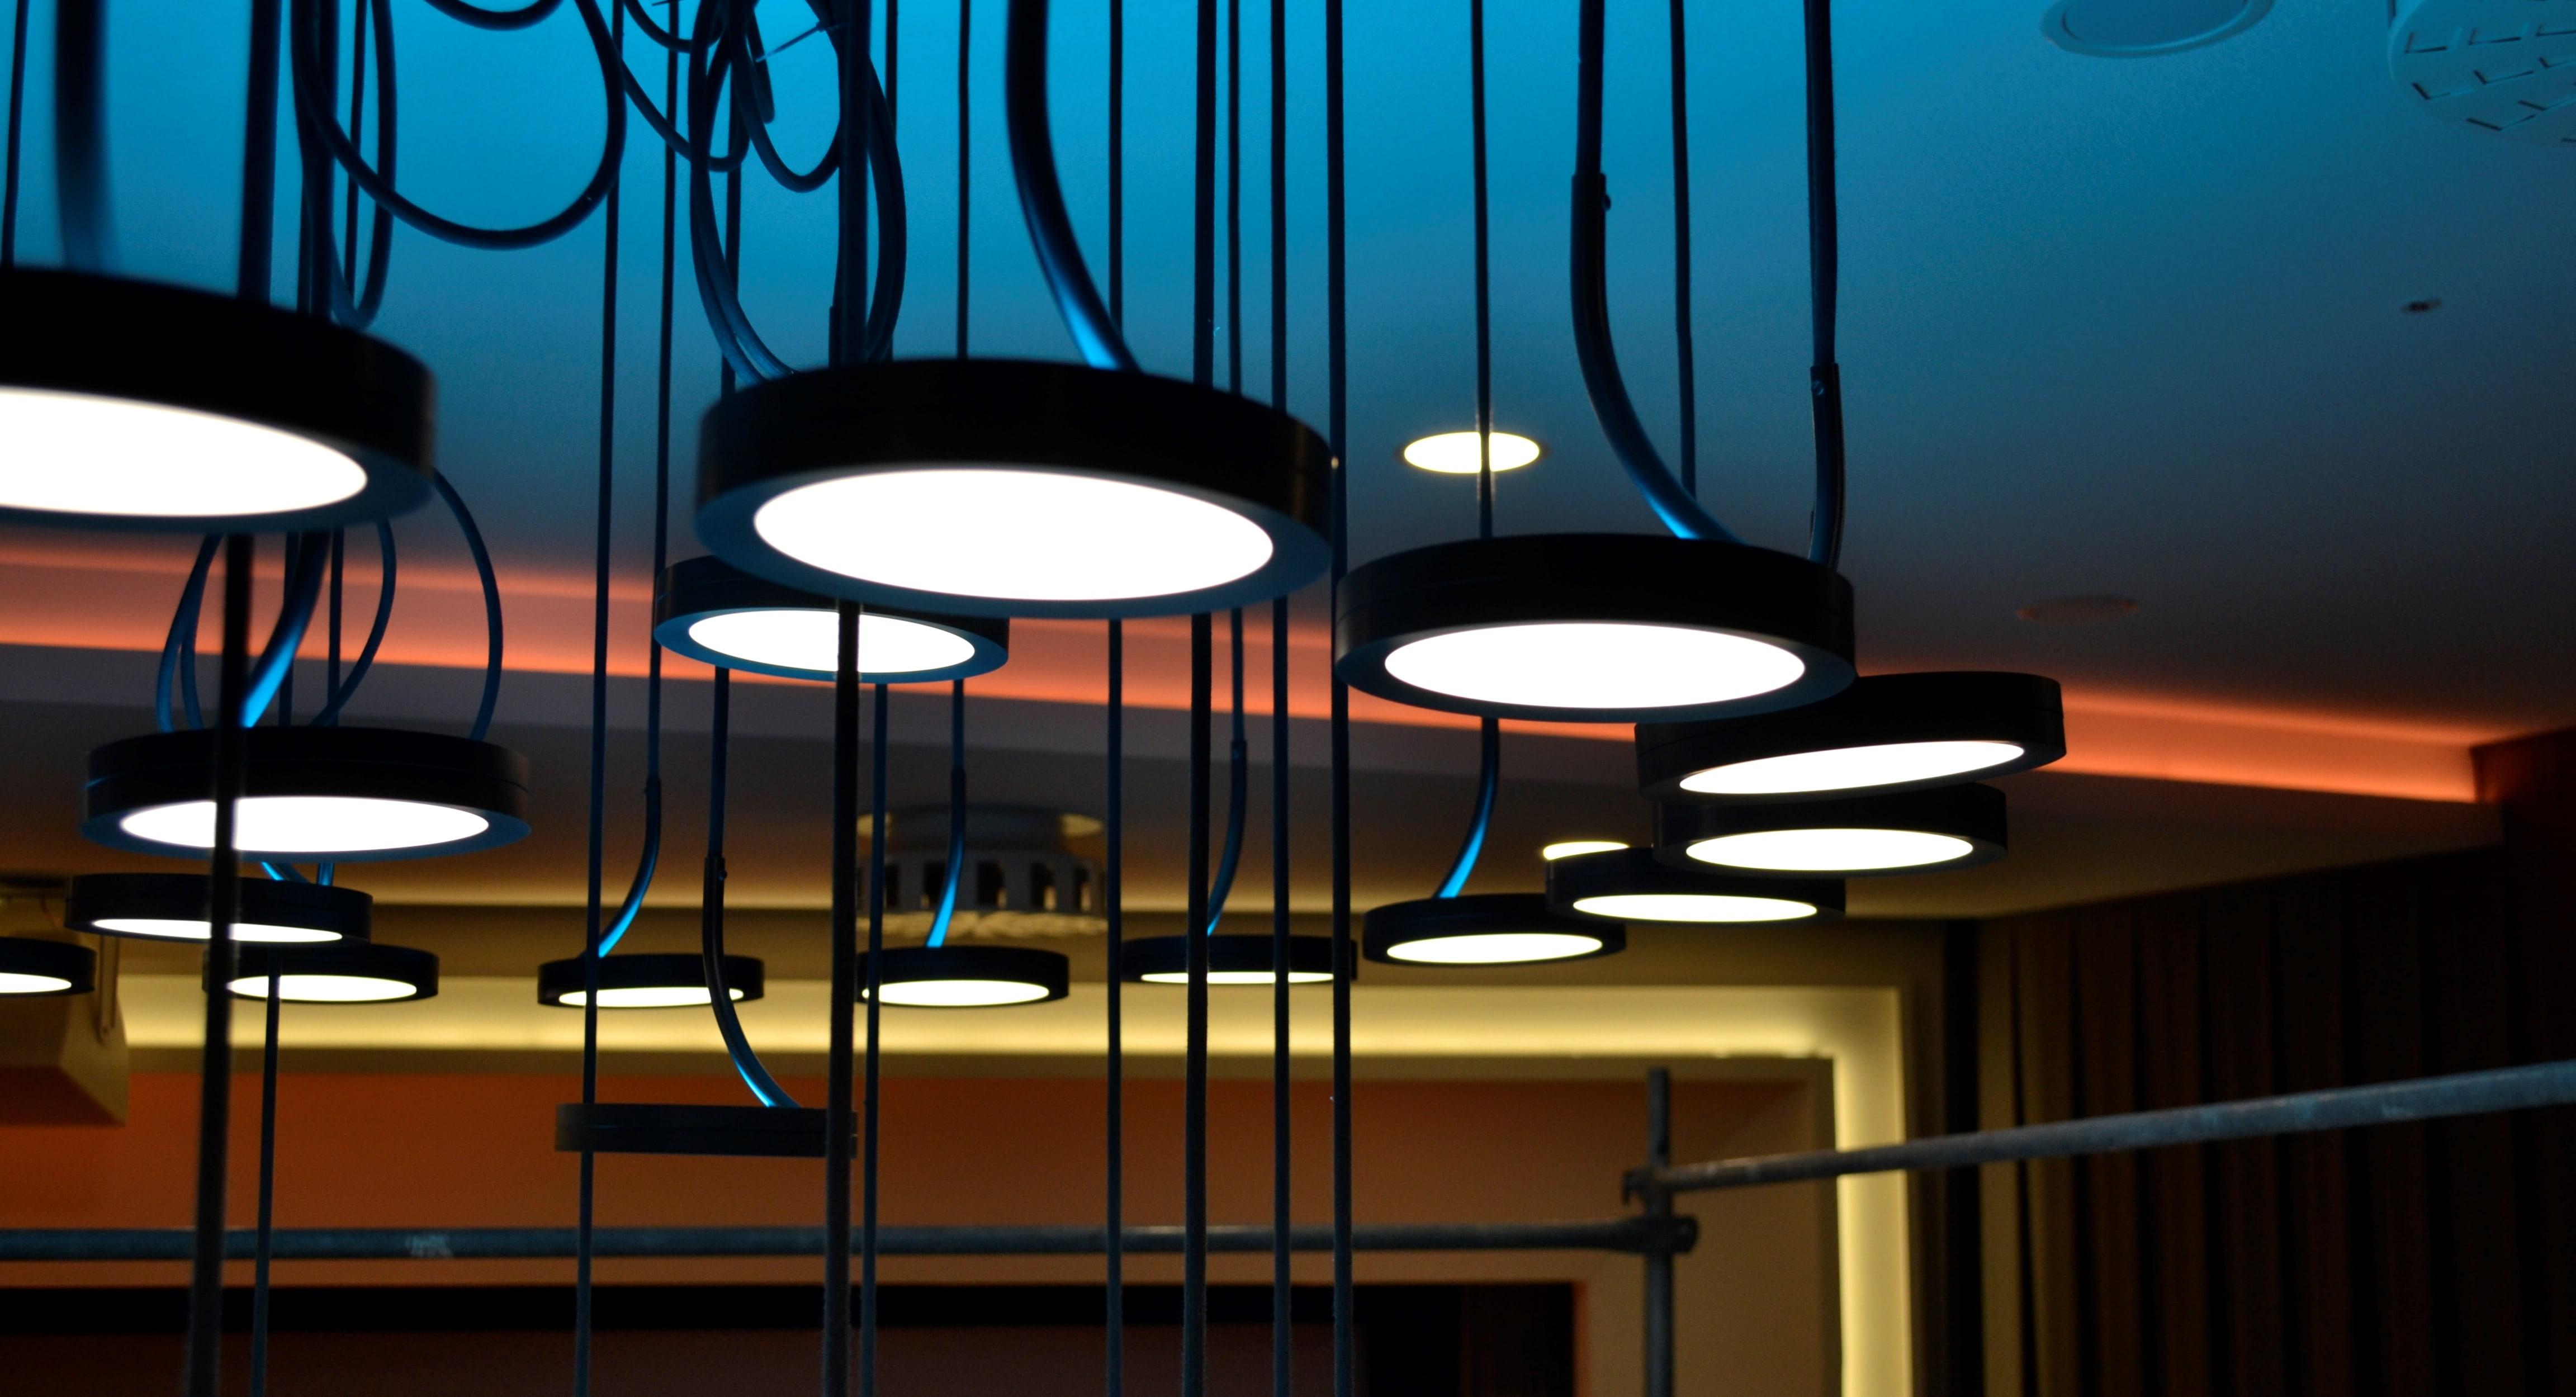 stglicht Referenzbild Cineplex Köln